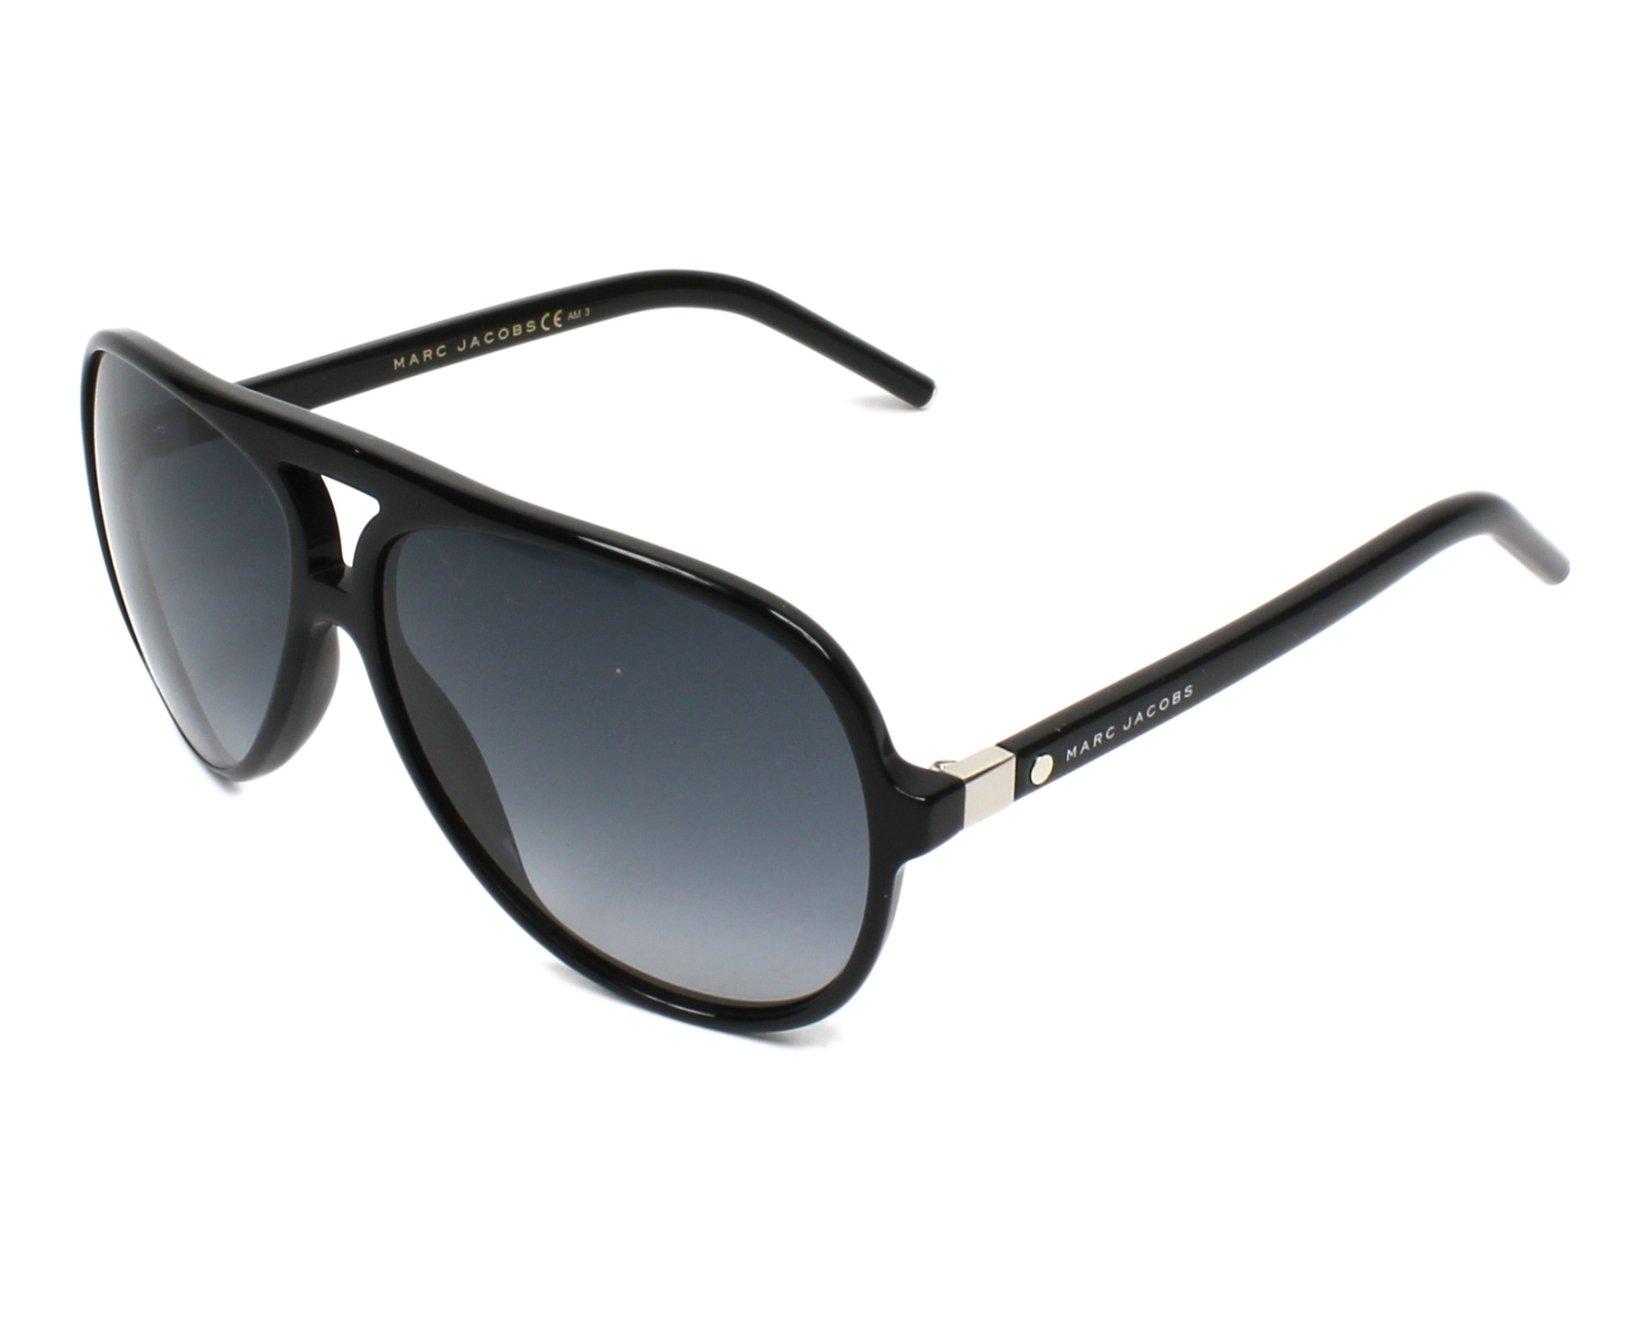 MARC JACOBS Marc Jacobs Sonnenbrille » MARC 70/S«, schwarz, 807/HD - schwarz/grau